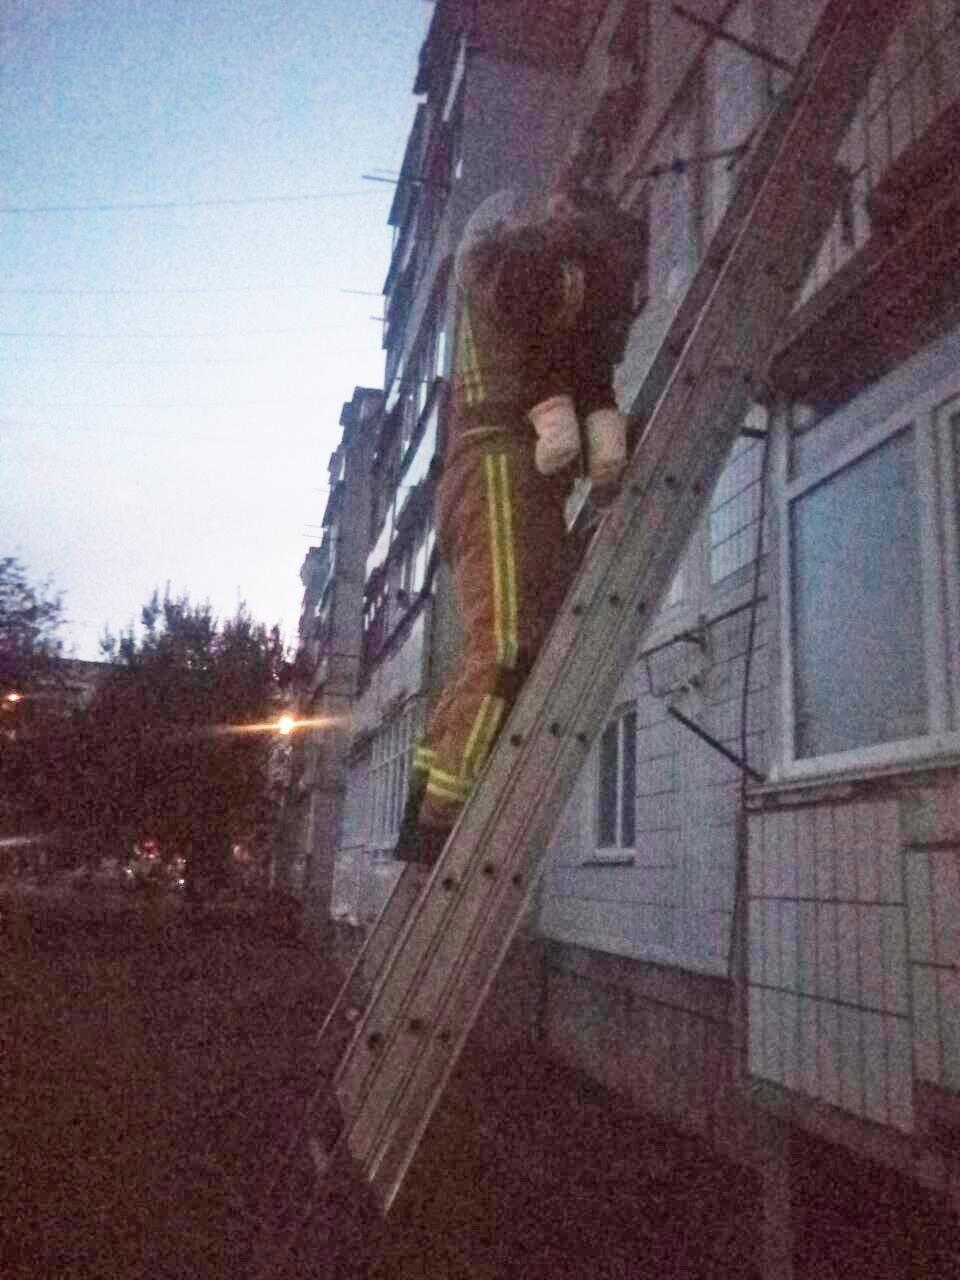 Білоцерківщина: під час пожежі у квартирі вогнеборці врятували 6-ти місячне немовля